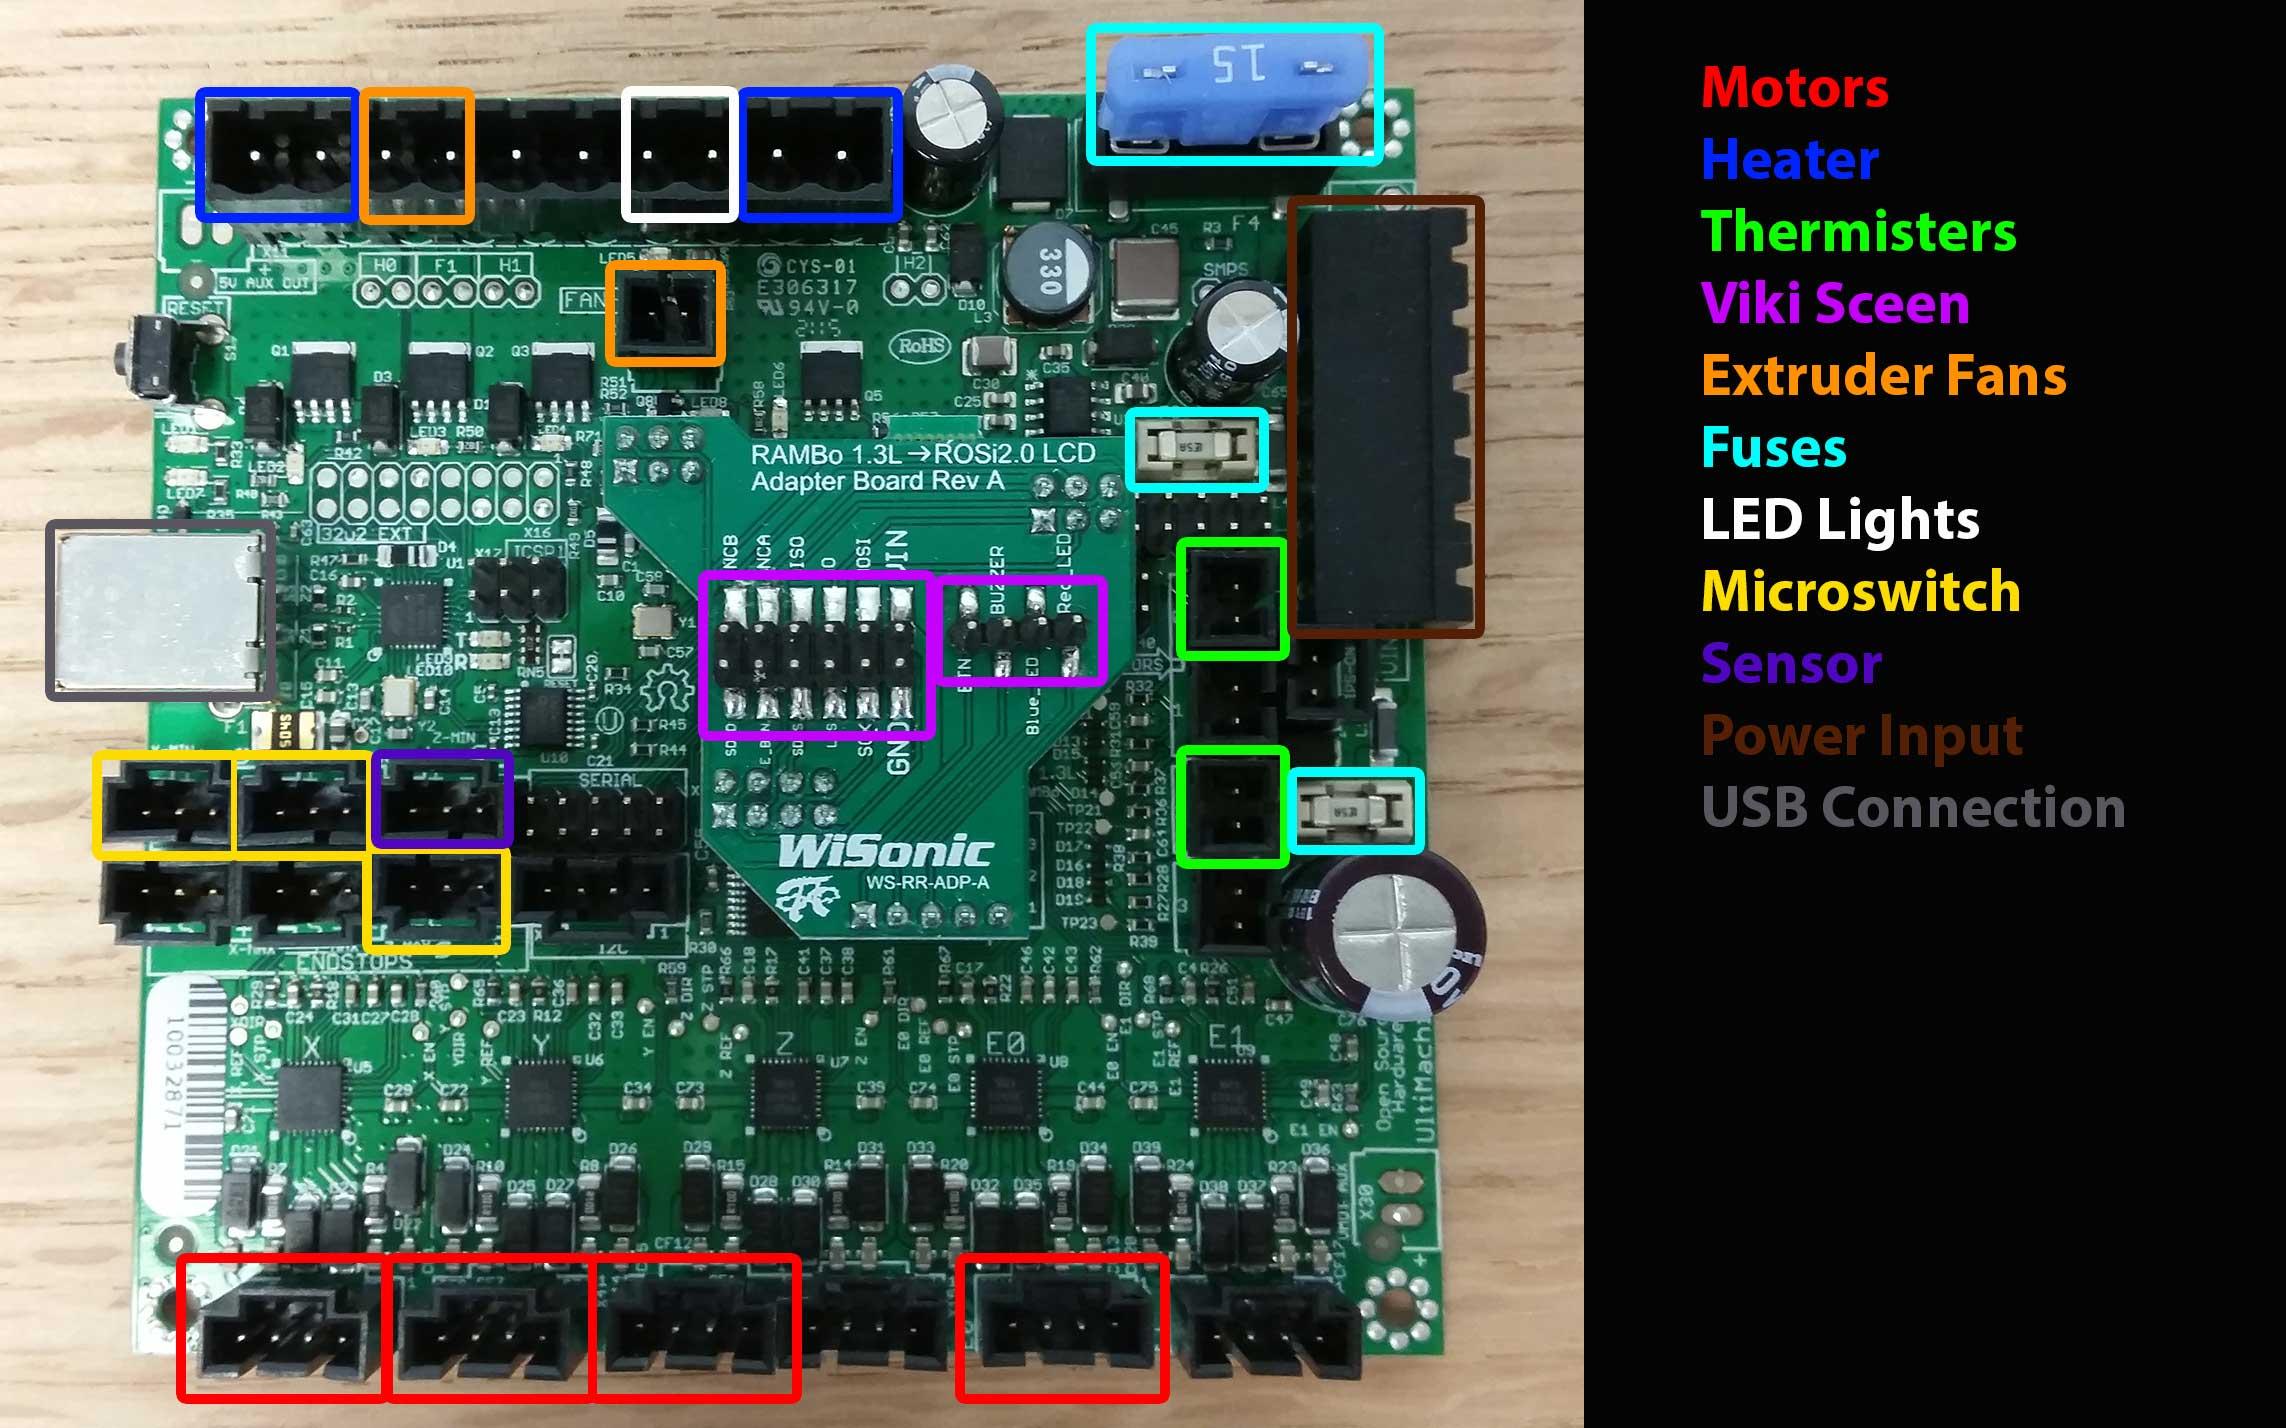 1 rambo circuit board wiring diagram  [ 2286 x 1428 Pixel ]